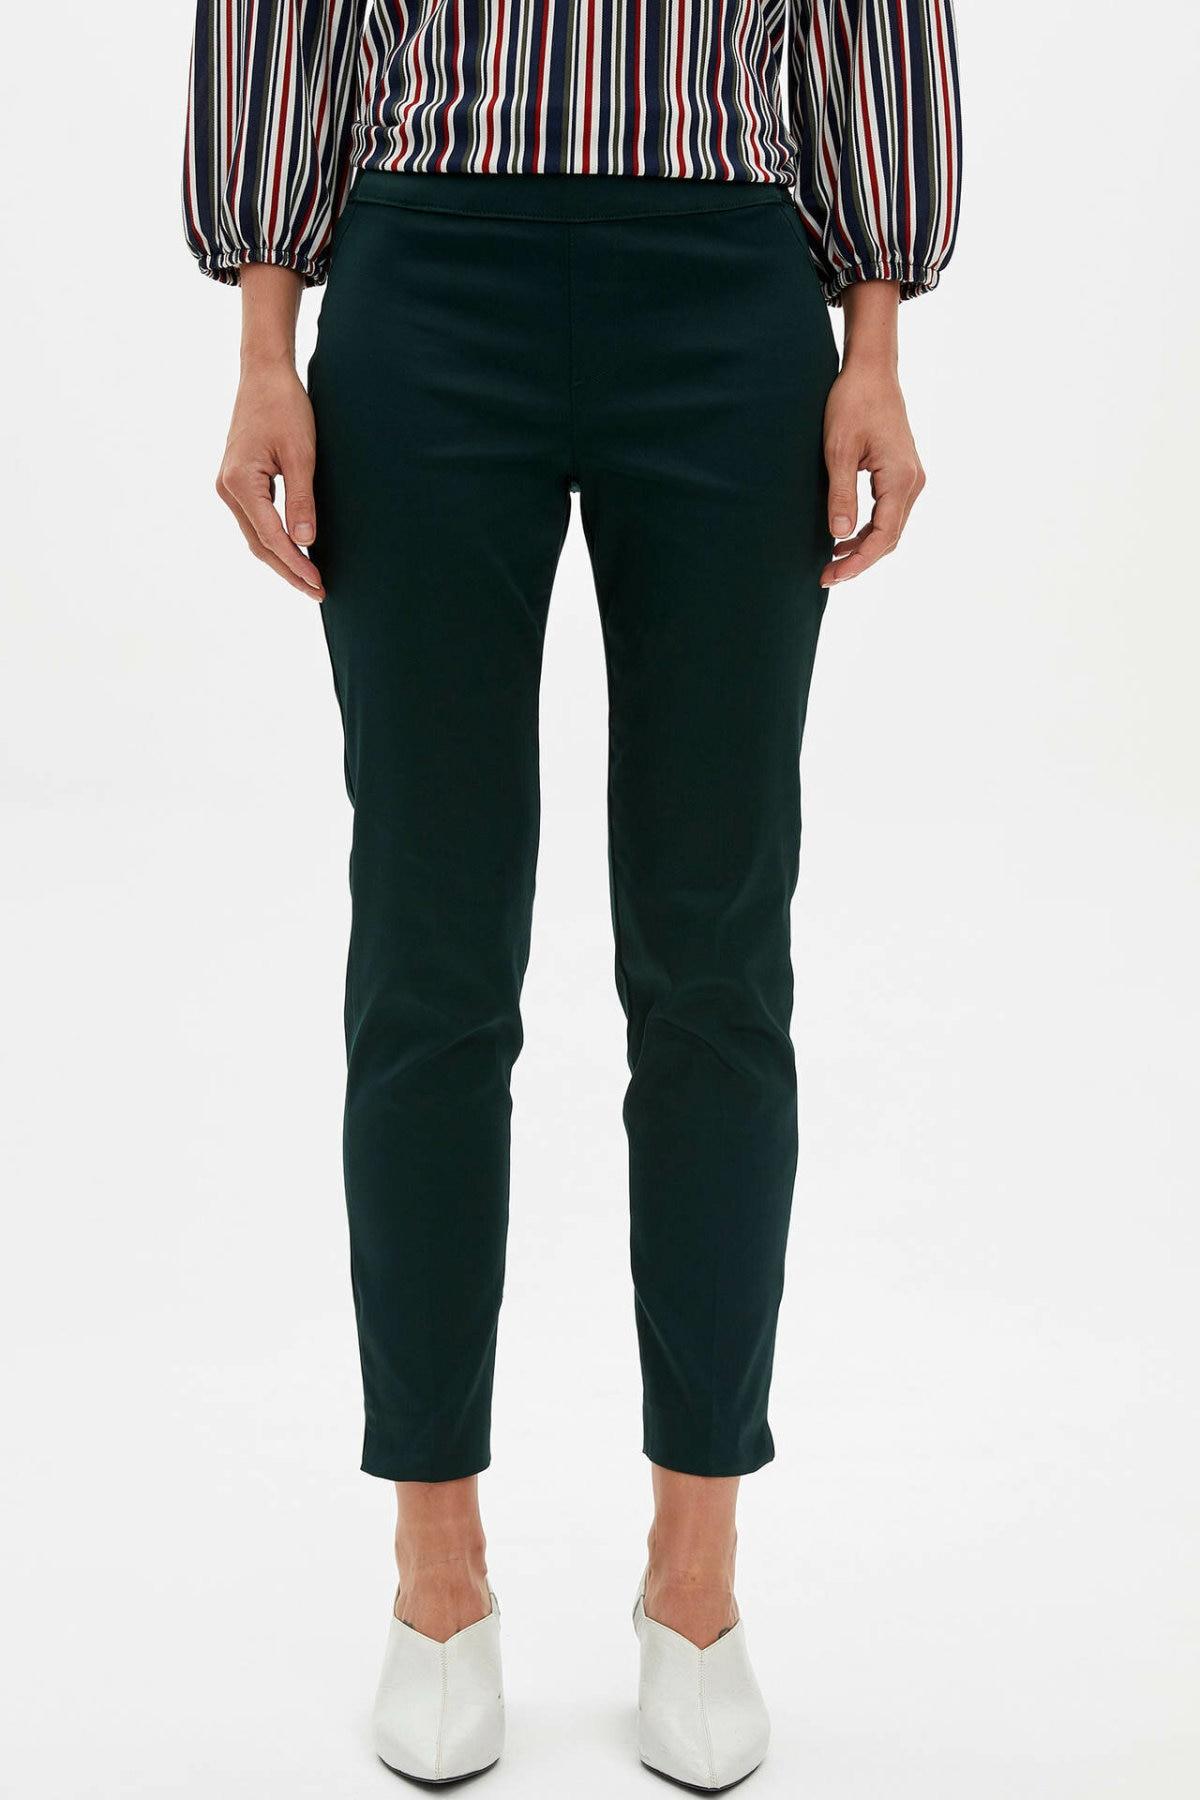 DeFacto Simple Fashion Women Slim Trousers Female Leggings Pants For Women's Casual Solid Leisure Pencil Pants -J8743AZ19AU